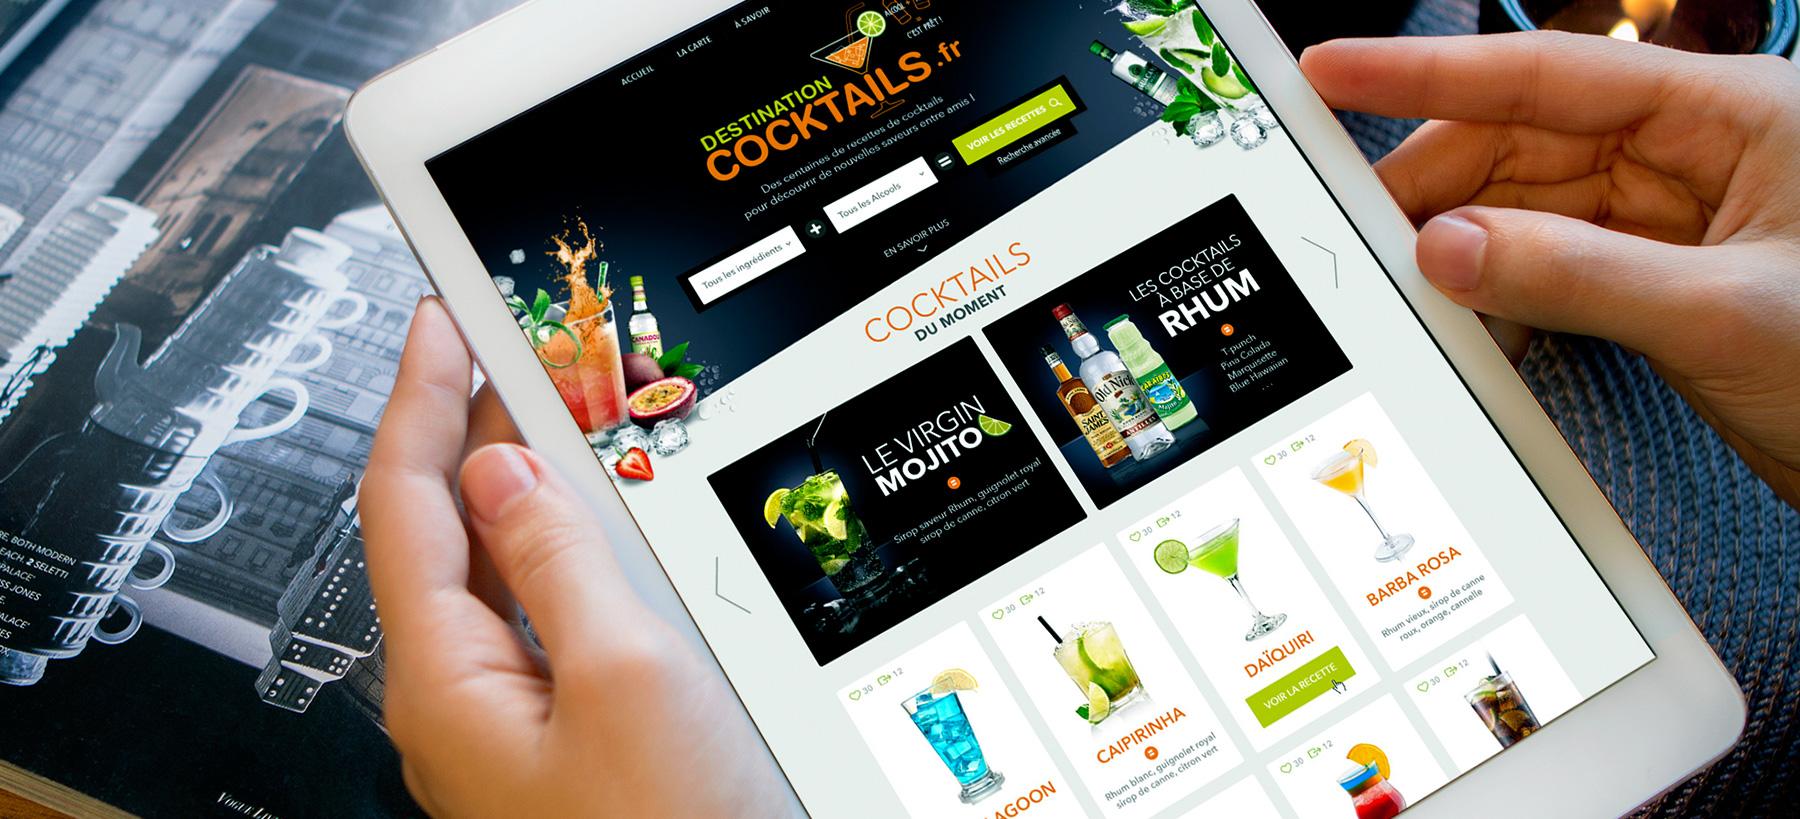 Directeur artistique freelance - Destination Cocktail site internet